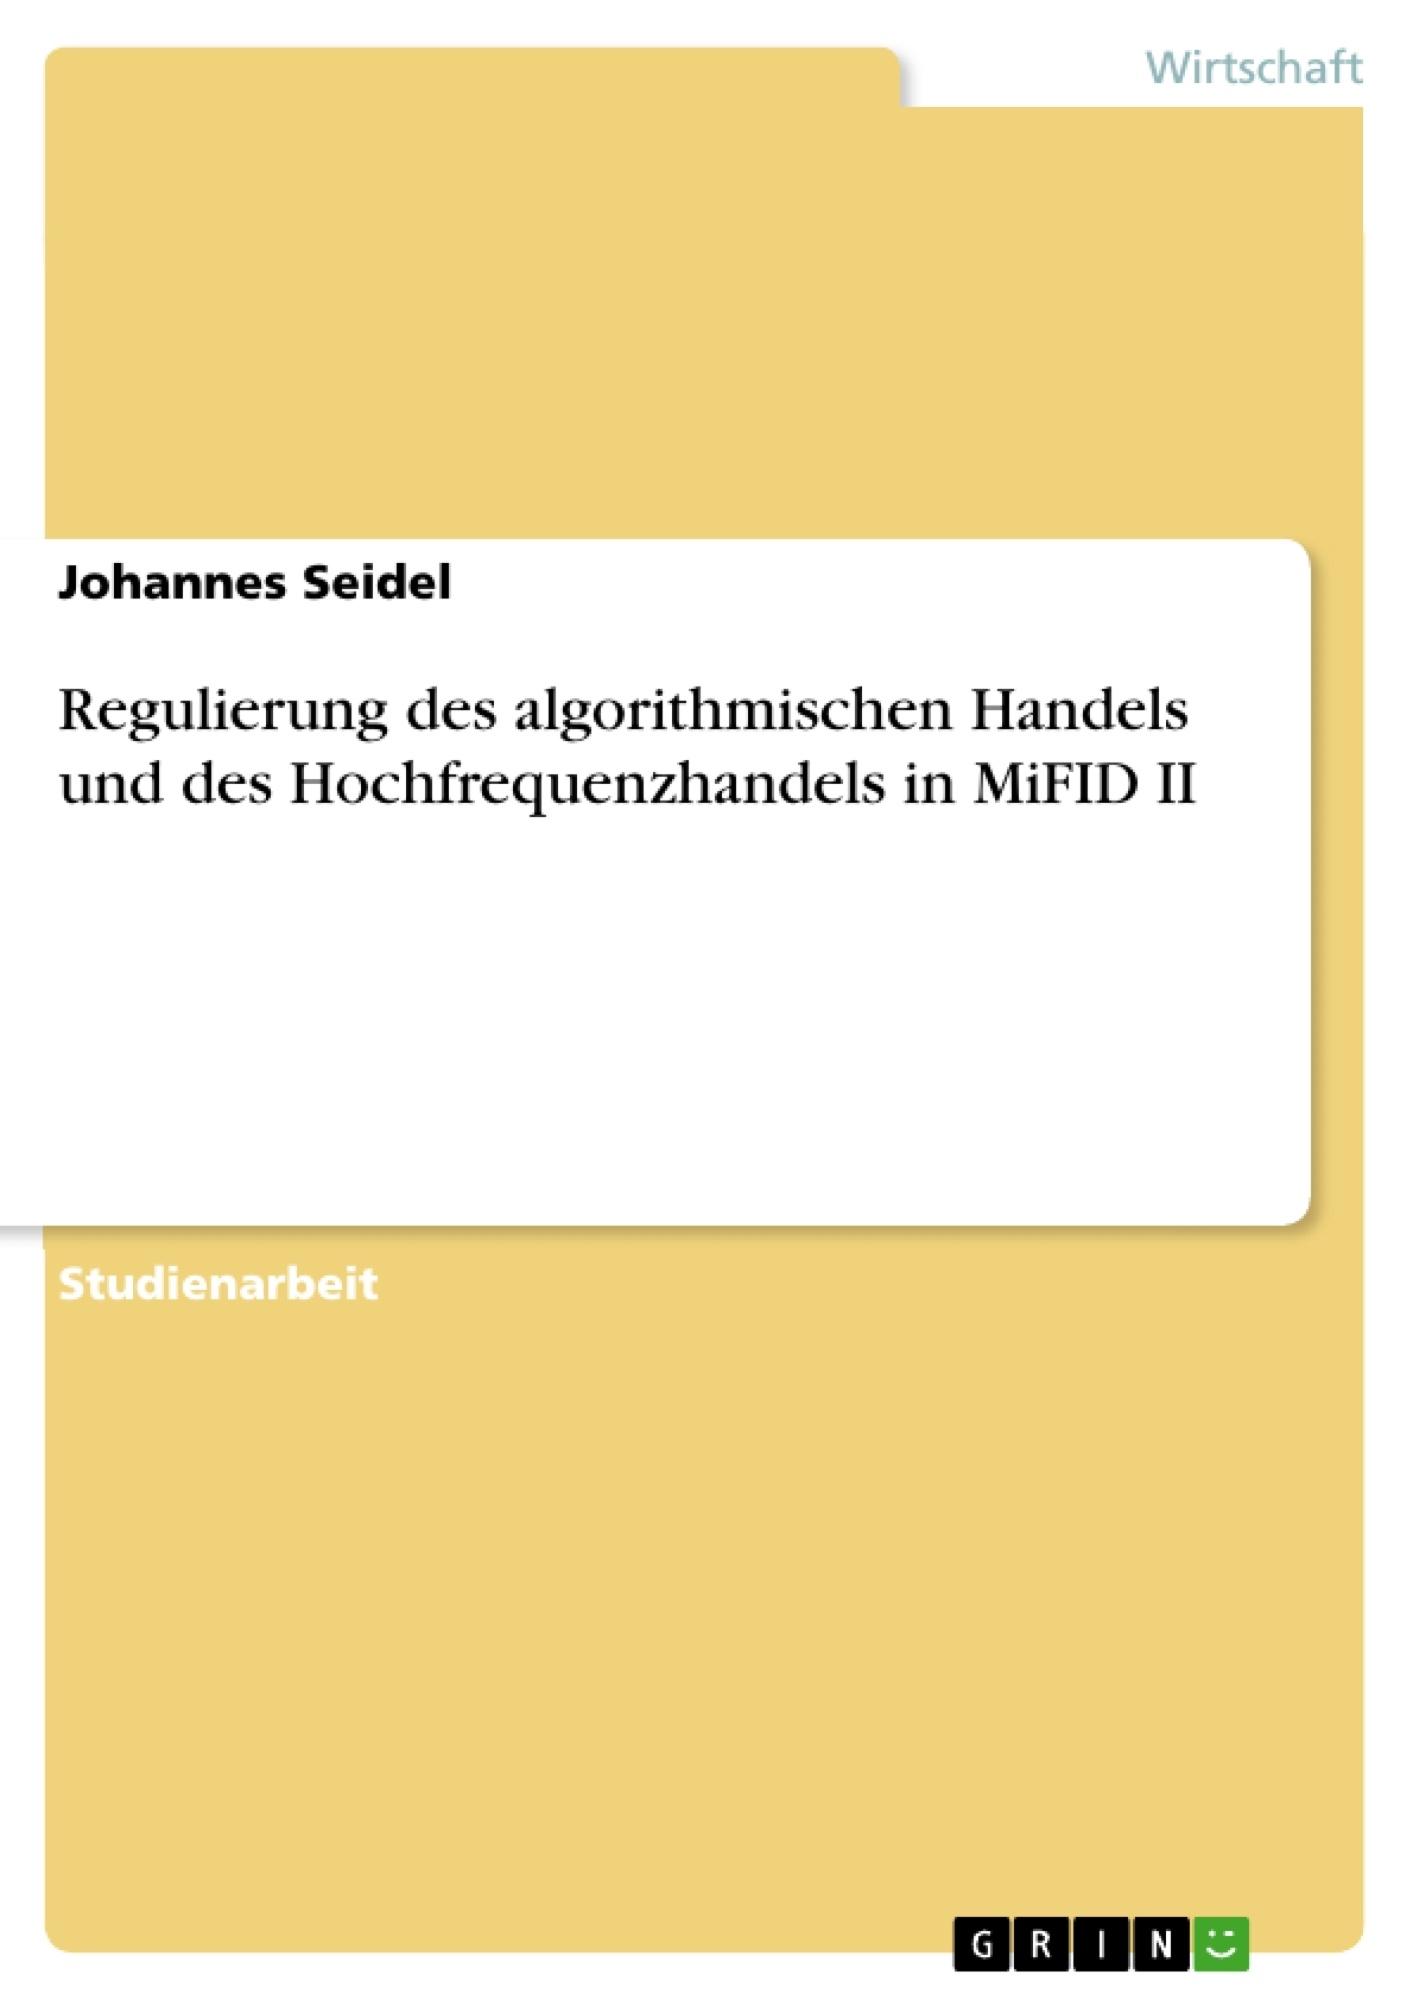 Titel: Regulierung des algorithmischen Handels und des Hochfrequenzhandels in MiFID II